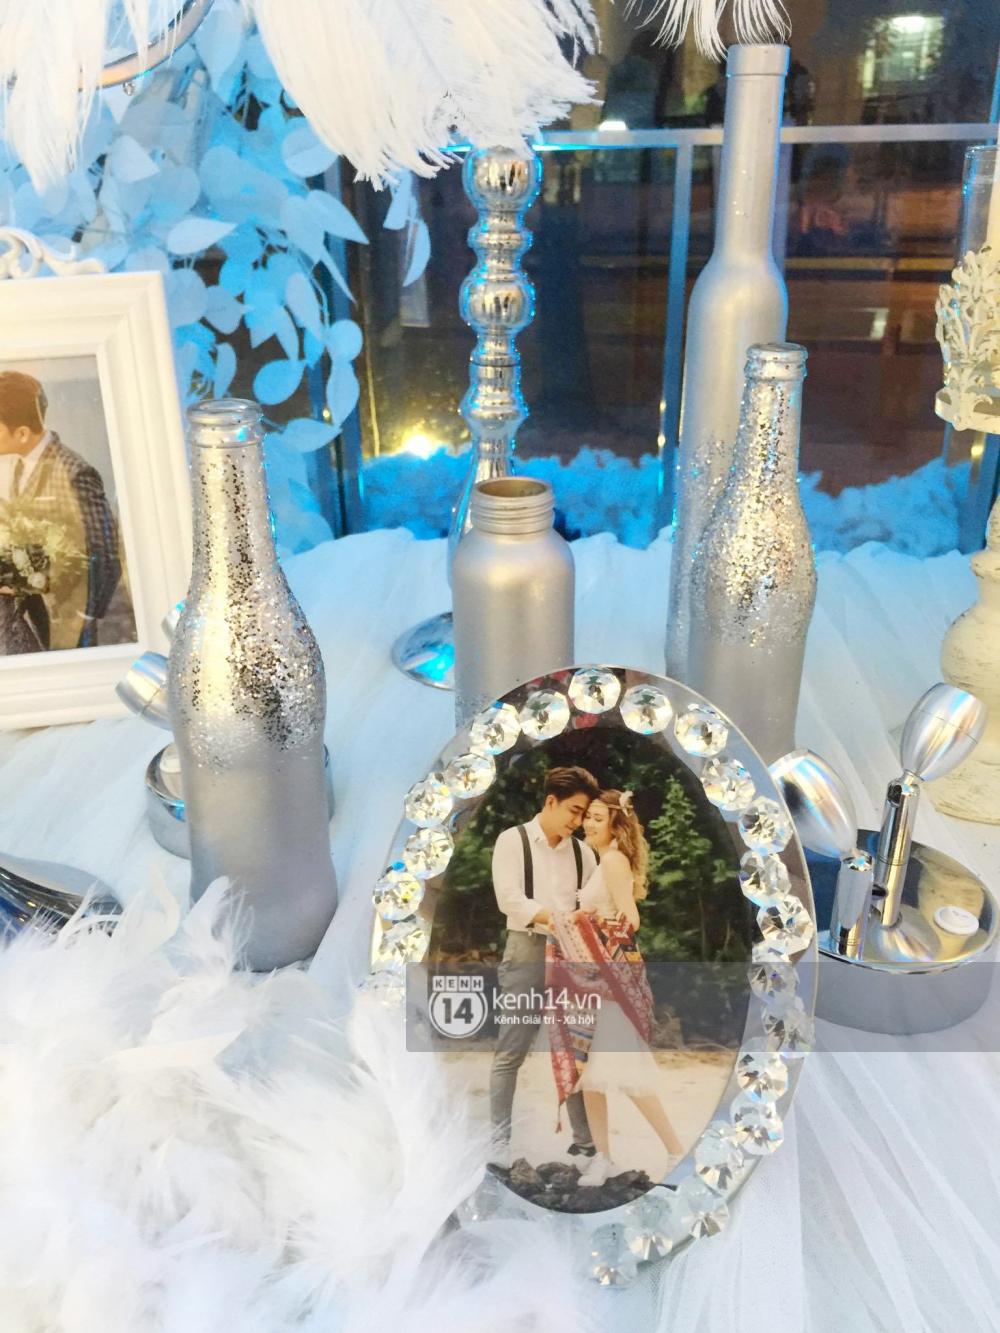 Huy Nam (La Thăng) cưới bà xã hot girl, chính thức lên xe hoa trước người đồng đội Kelvin Khánh - Ảnh 9.